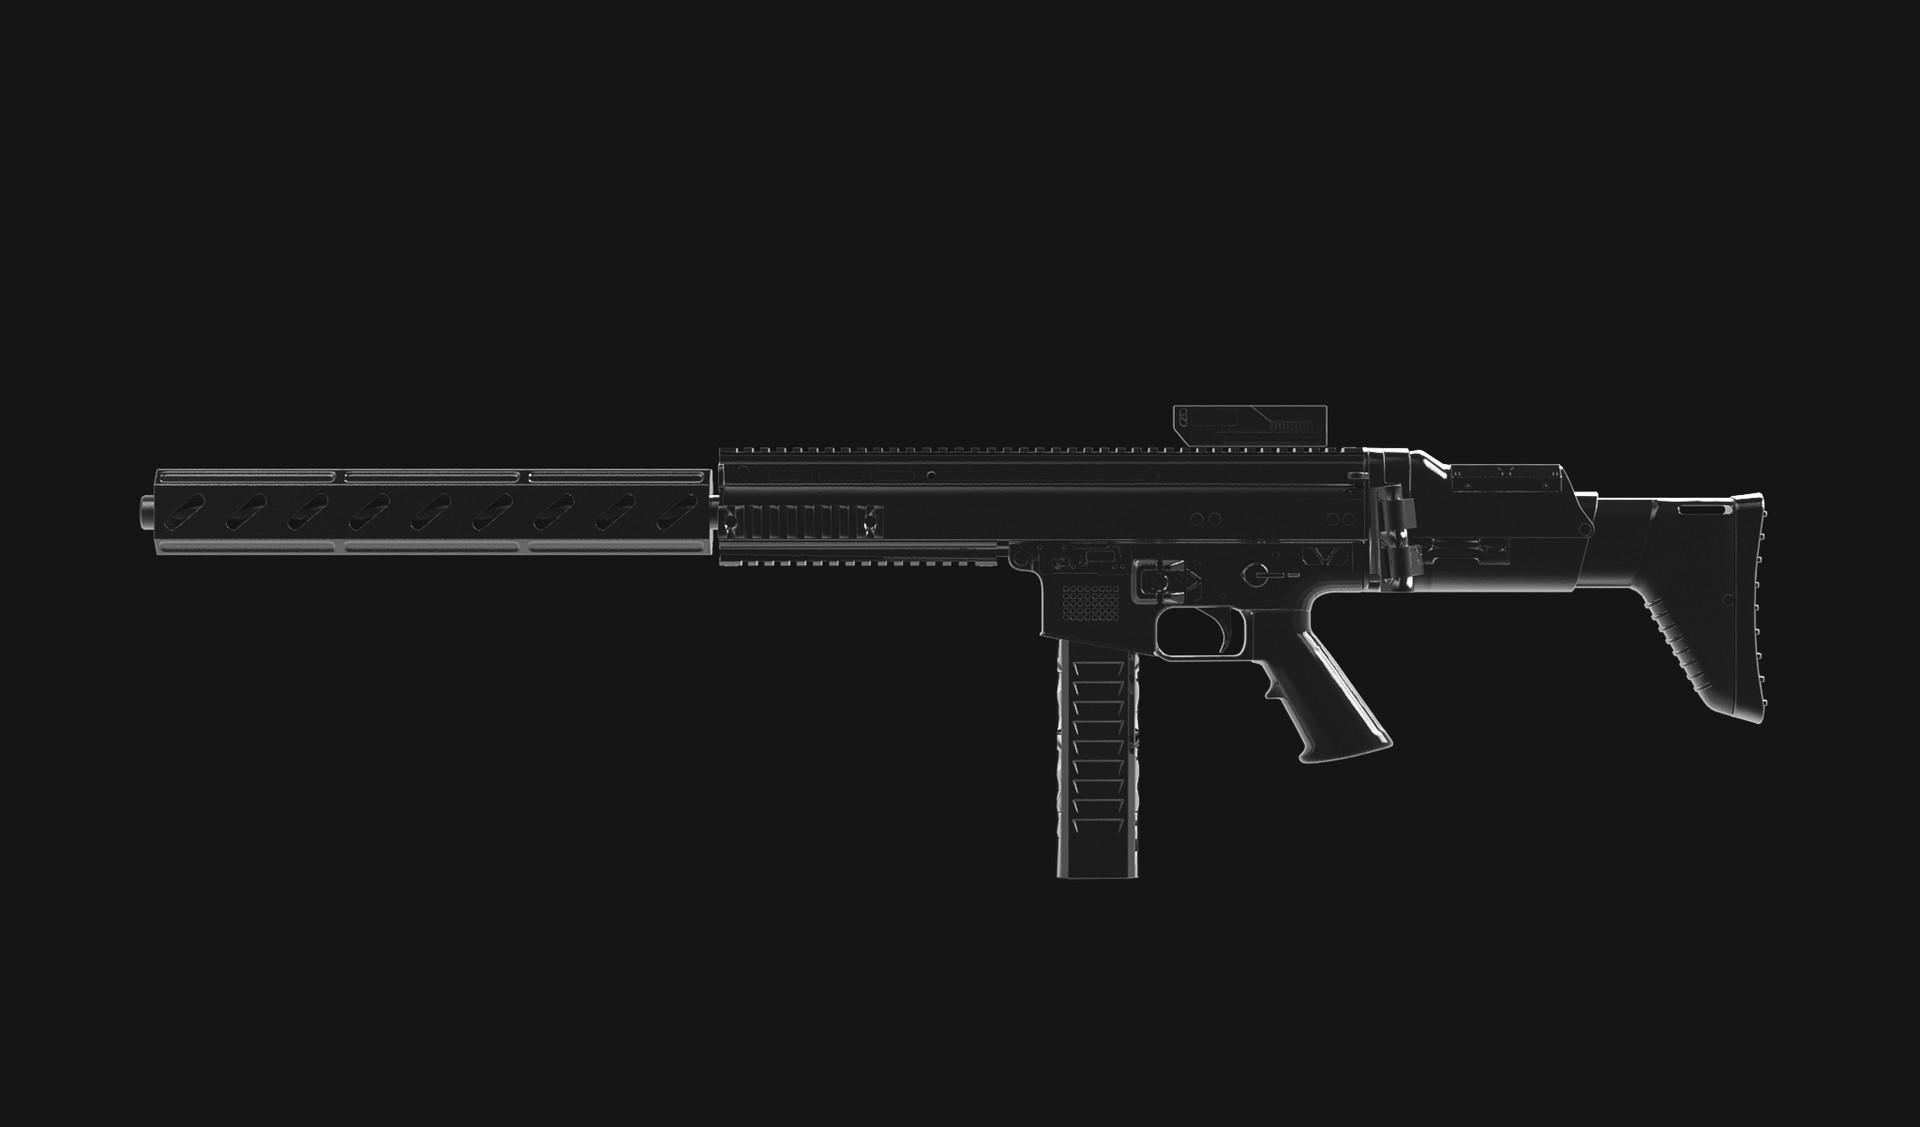 Mark chang rifle 1